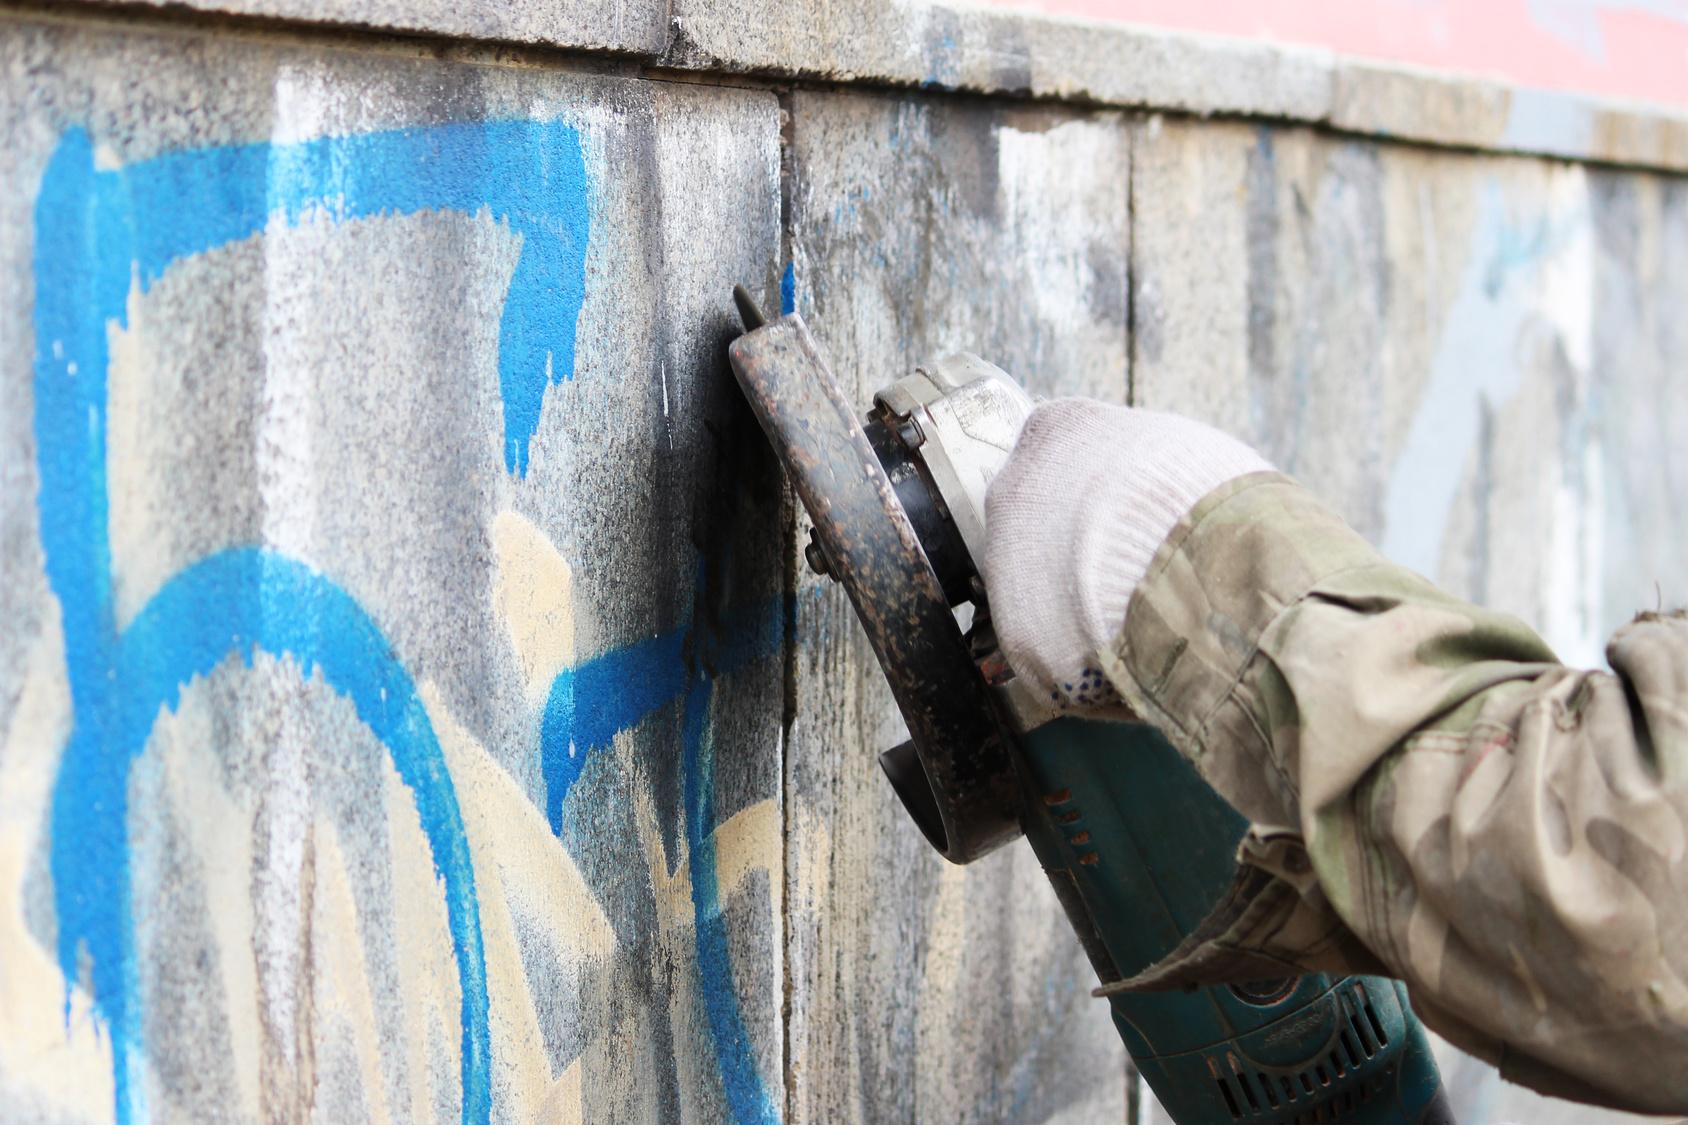 Czym zmyć graffiti? Przegląd profesjonalnych środków